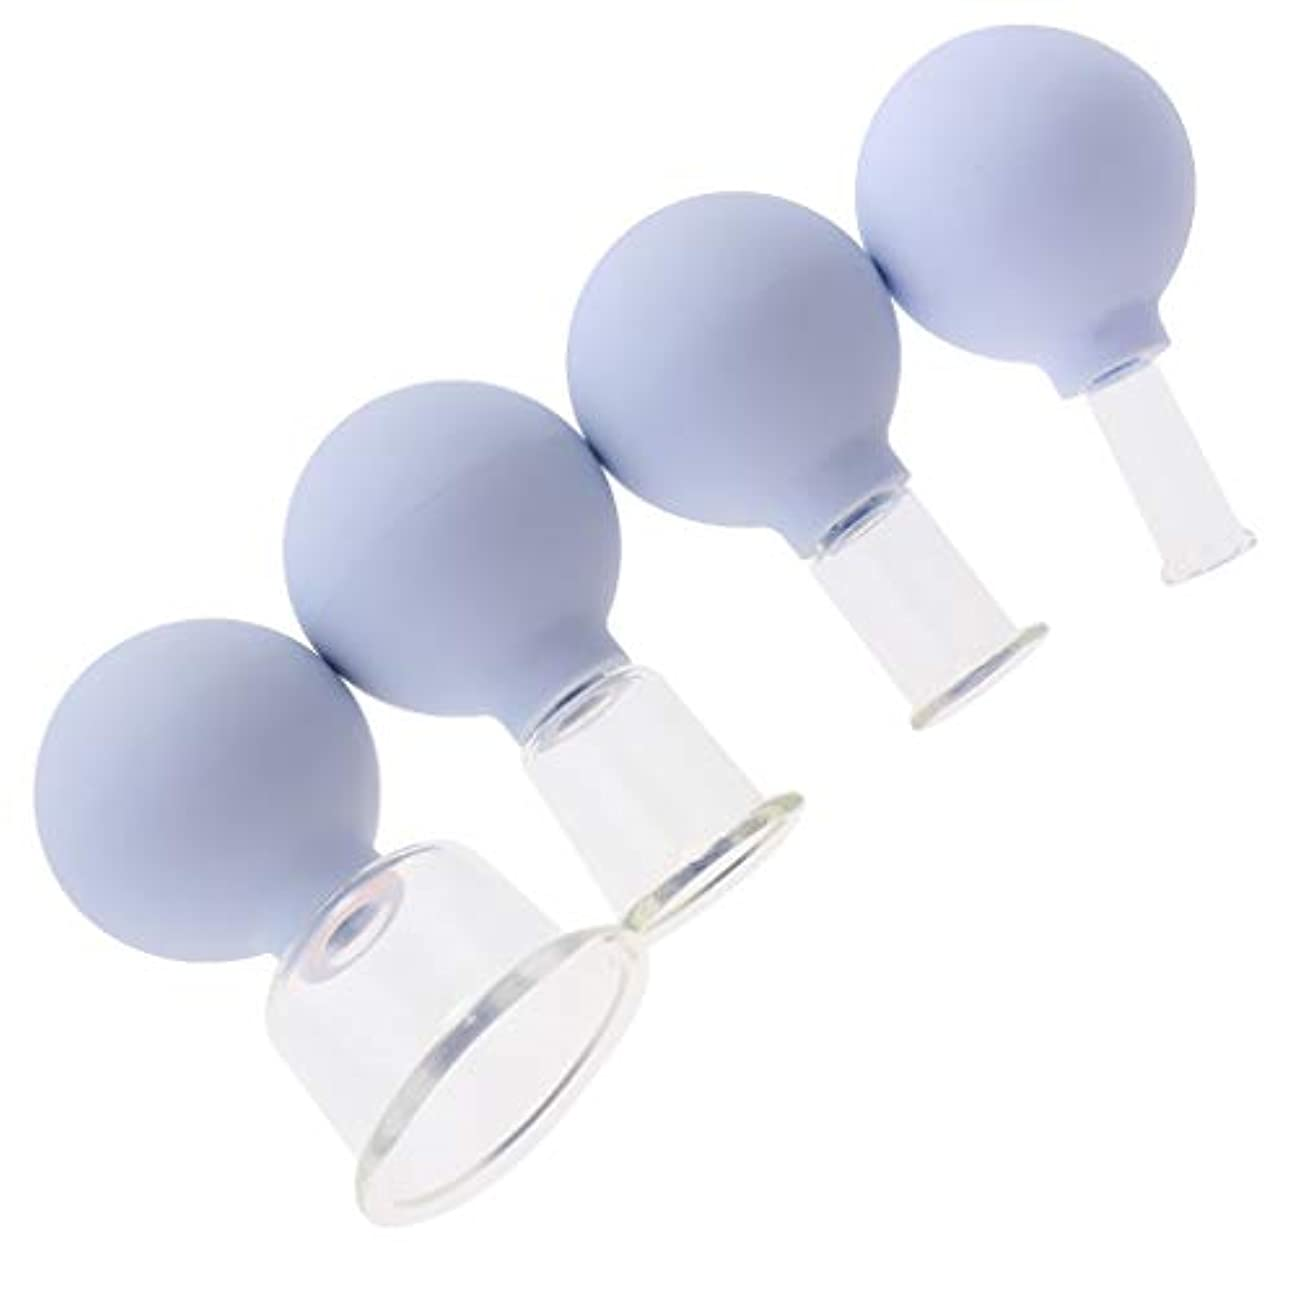 アスリート急速なダーベビルのテスD DOLITY マッサージカップ 吸い玉 カッピングセット ガラスカッピング 真空 男女兼用 ギフト 4個 全3色 - 白